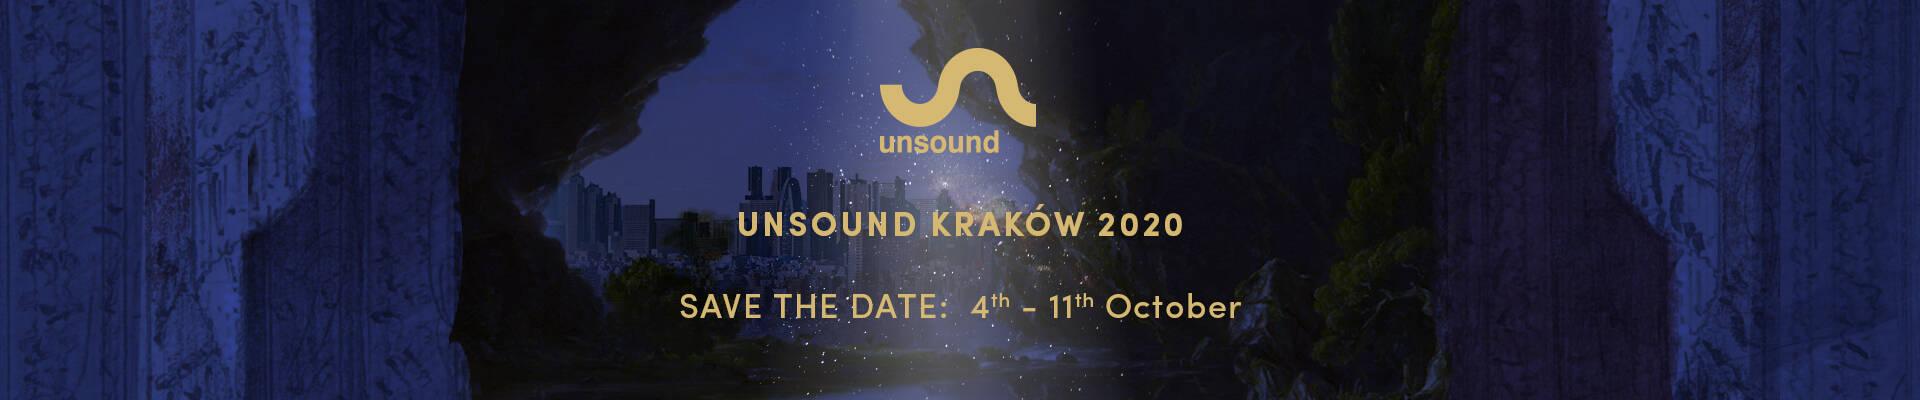 Ogłaszamy daty Unsoundu 2020. Kontynuujemy działanie inicjatyw Solidarity With the Earth i Friends of Unsound.